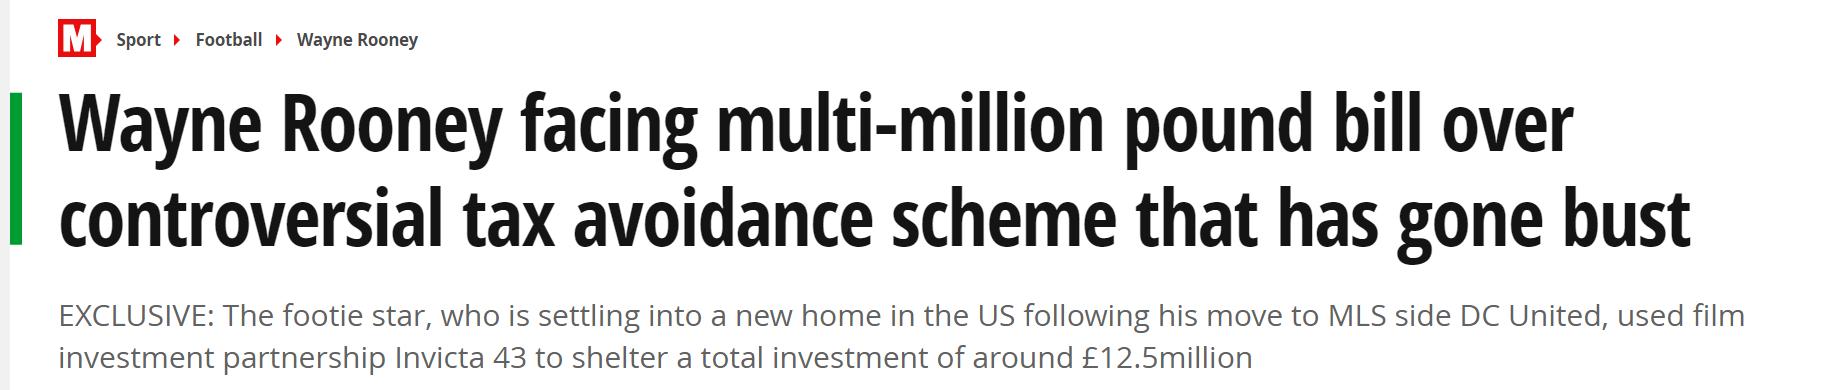 查税查到英国了!鲁尼涉嫌避税 或补交600万镑税款